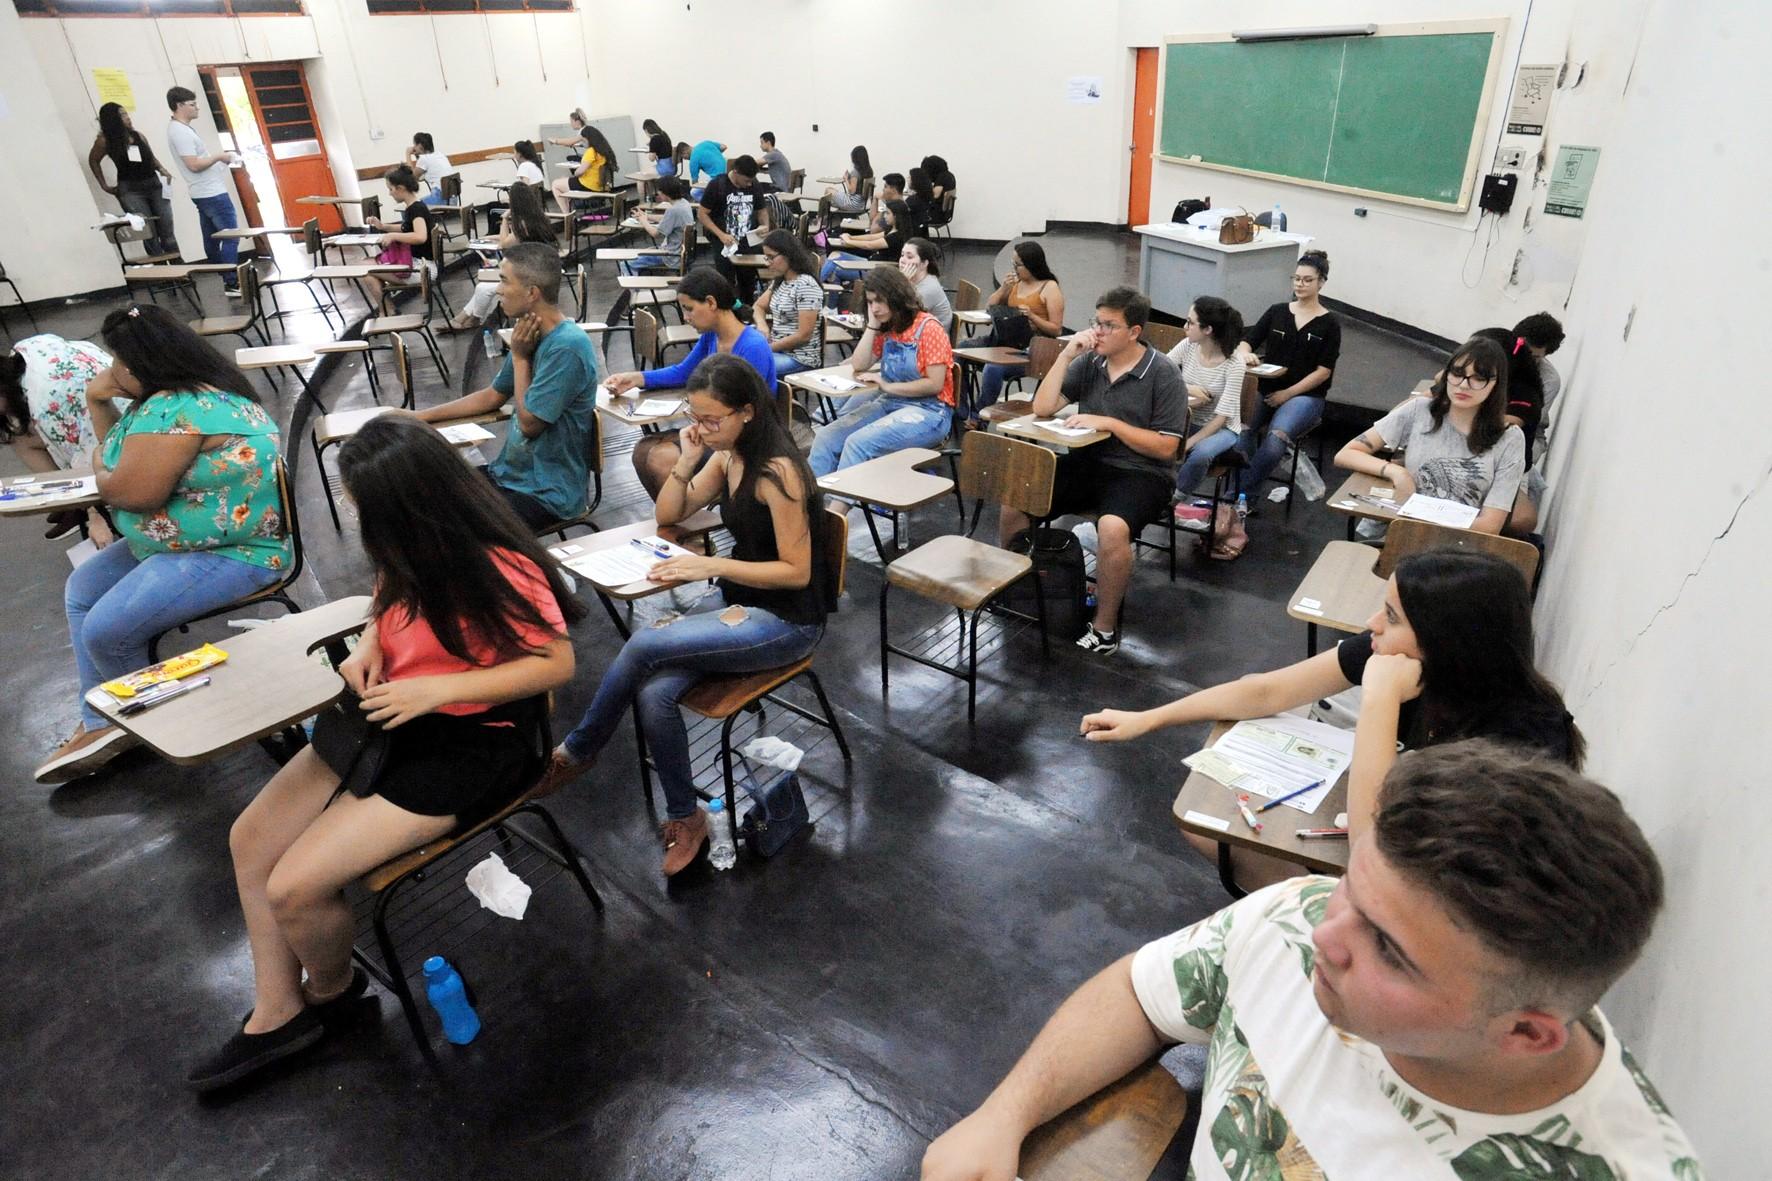 Quase 1.500 candidatos faltam na primeira fase do vestibular da UEL - Notícias - Plantão Diário